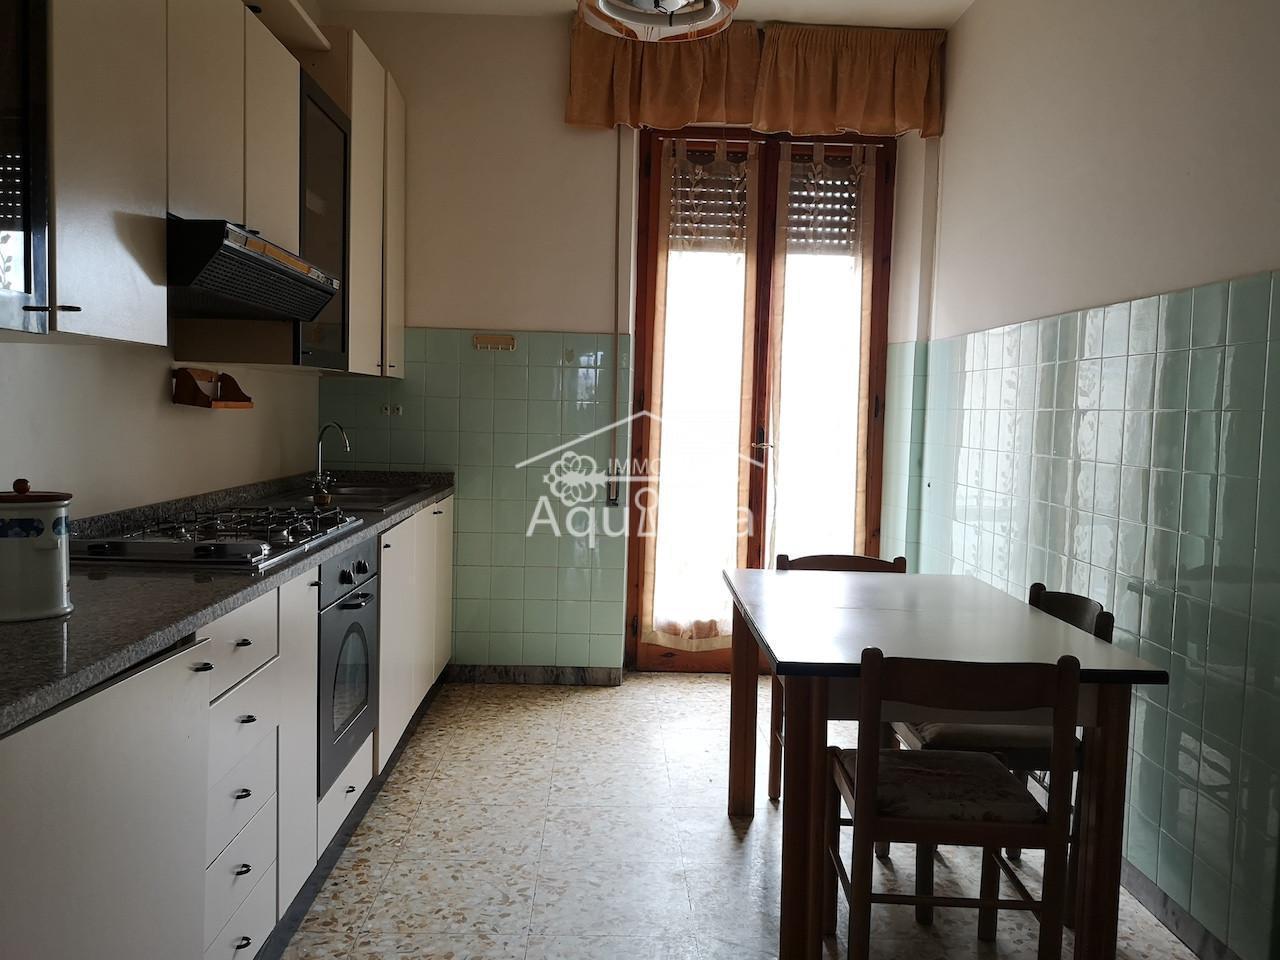 Appartamento in vendita, rif. AQ 1801